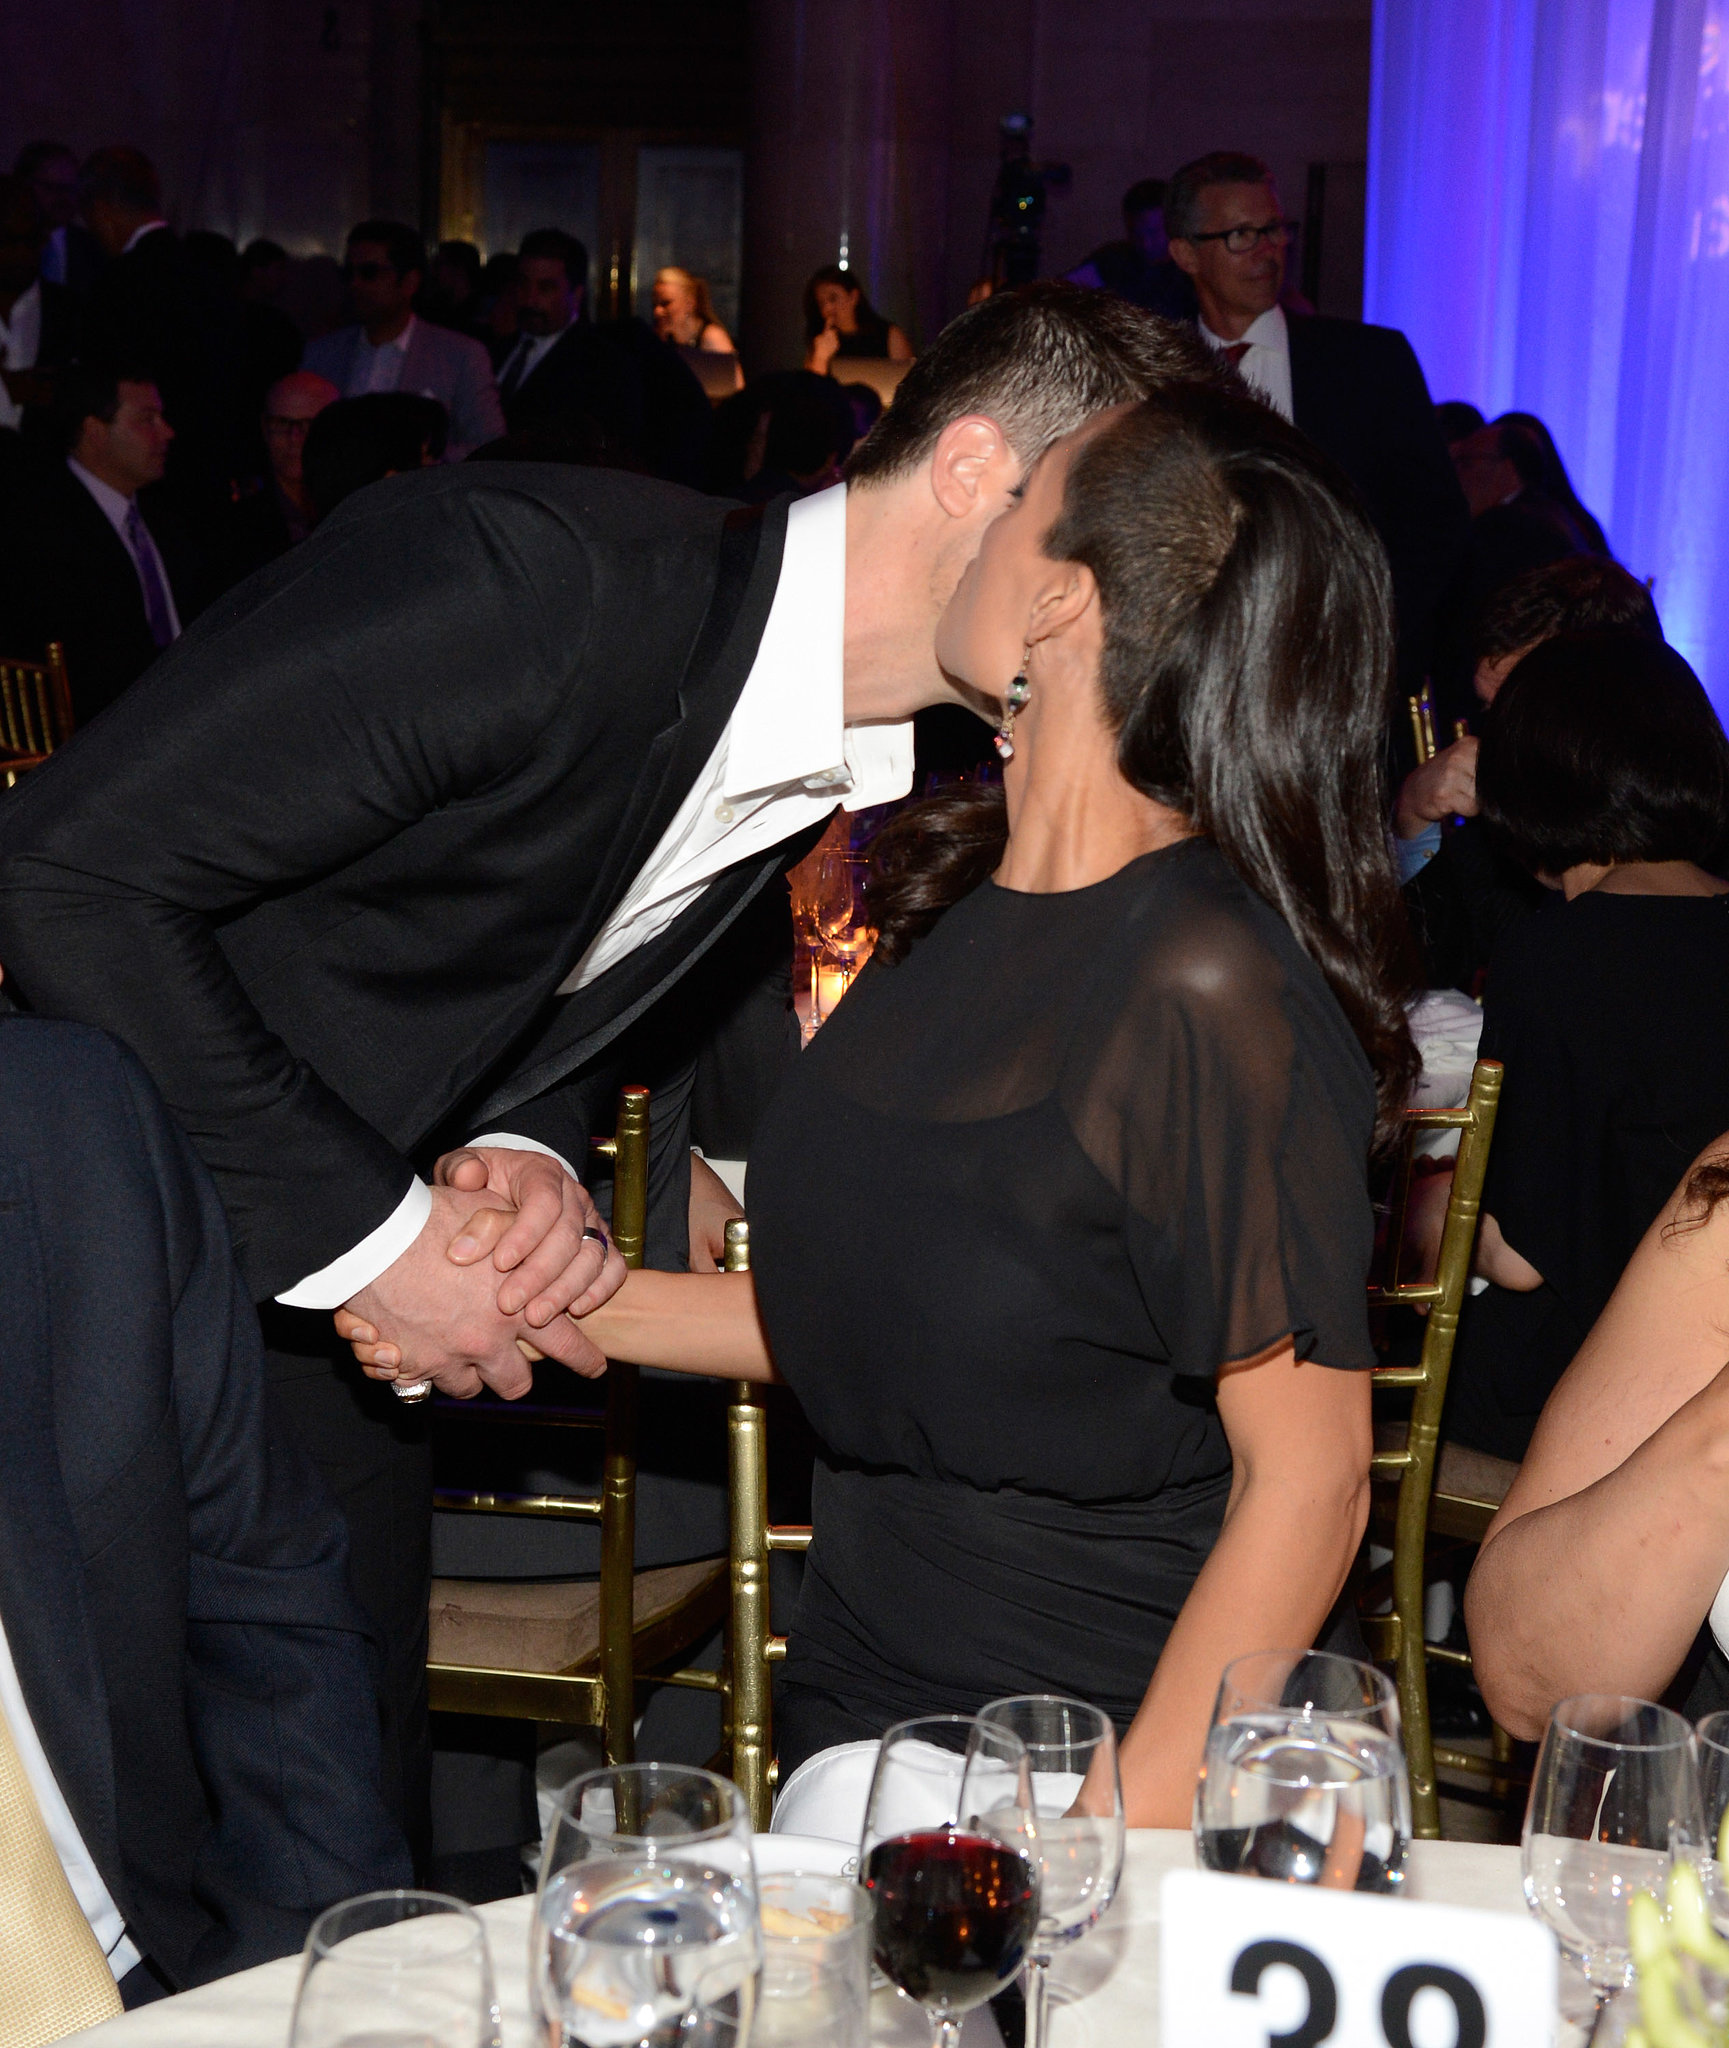 Rosario Dawson gave a kiss to Robin Thicke.